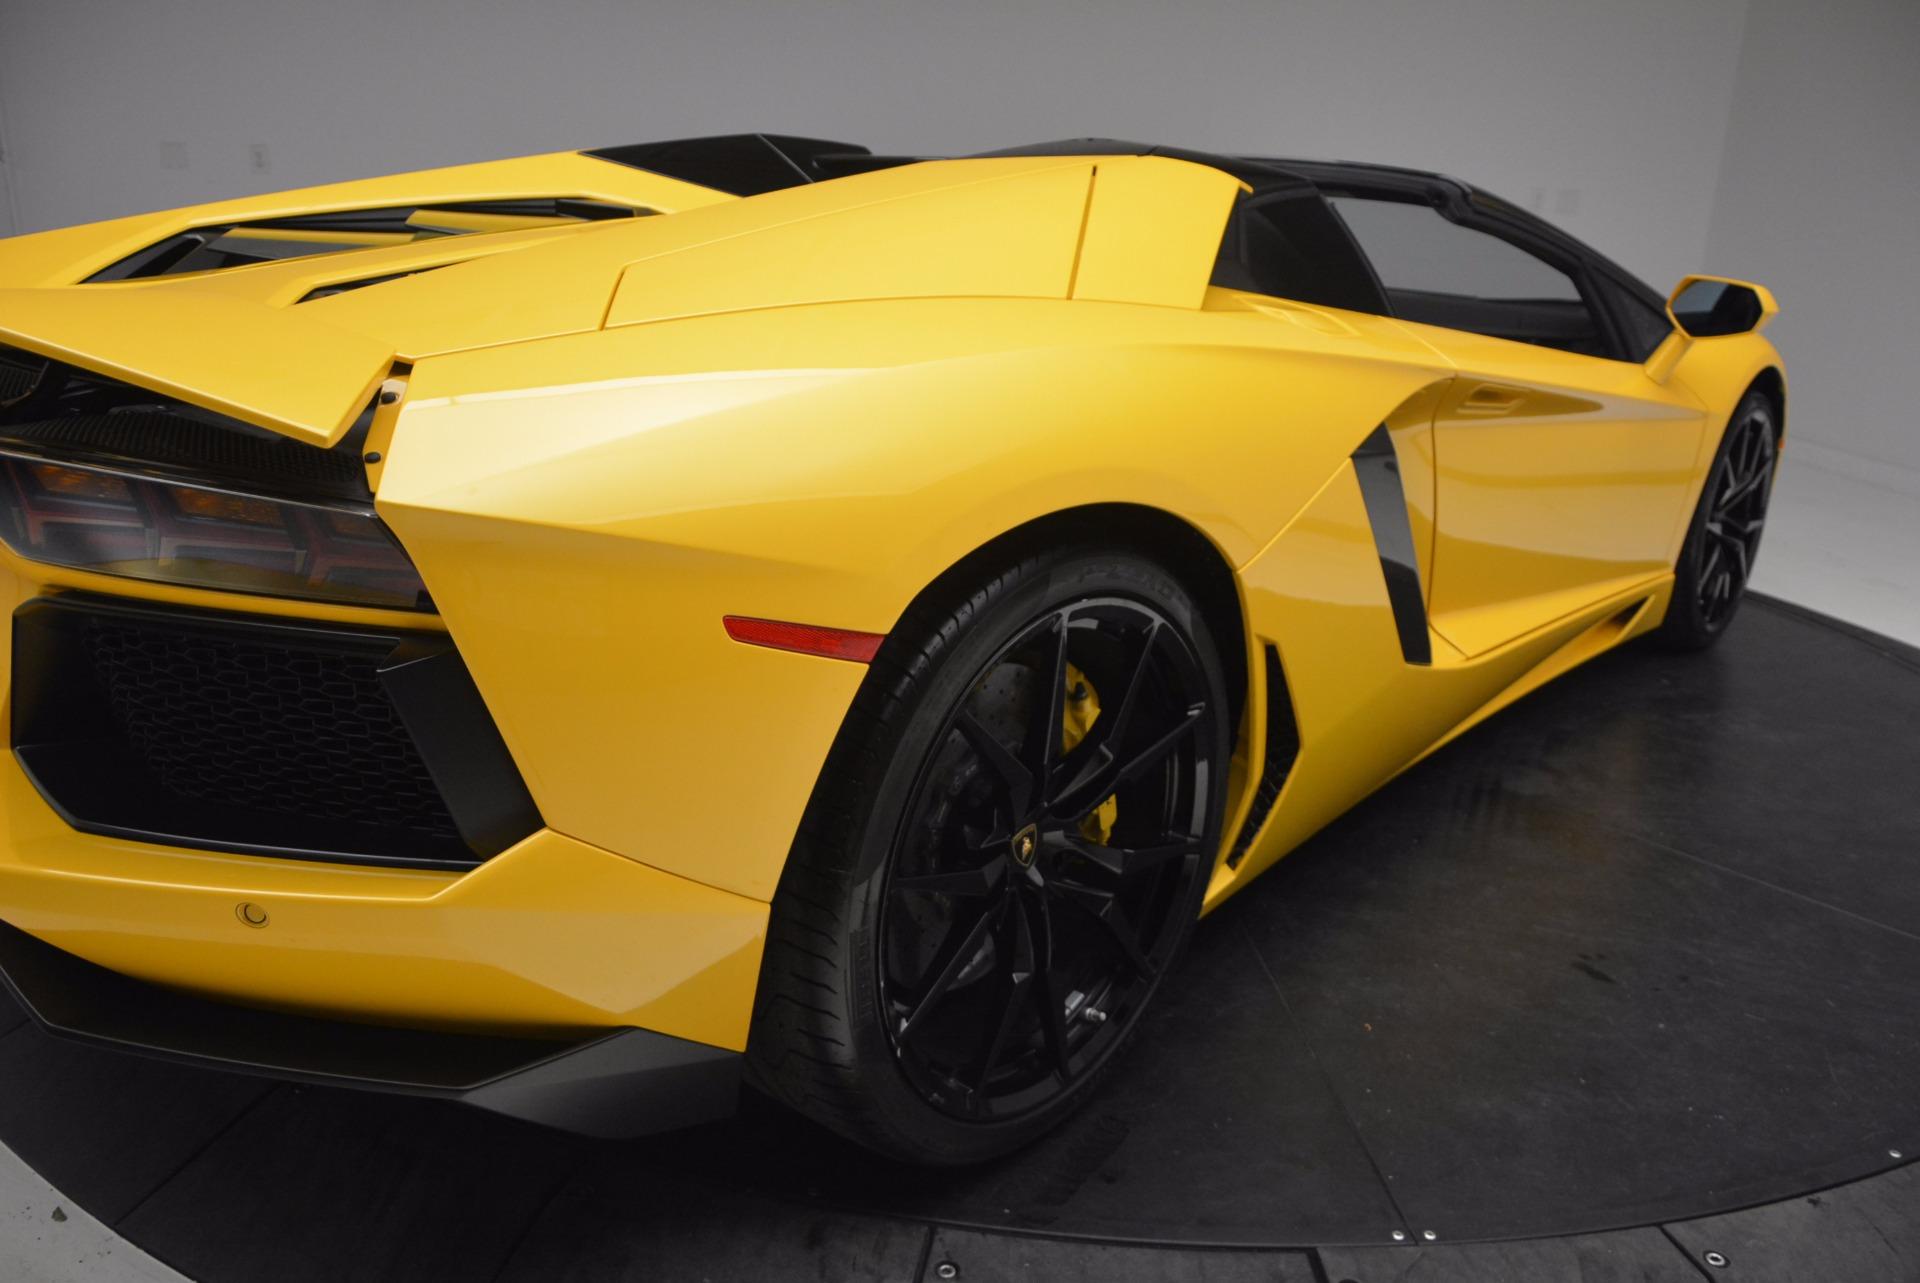 Used 2015 Lamborghini Aventador LP 700-4 Roadster For Sale In Greenwich, CT 1774_p20